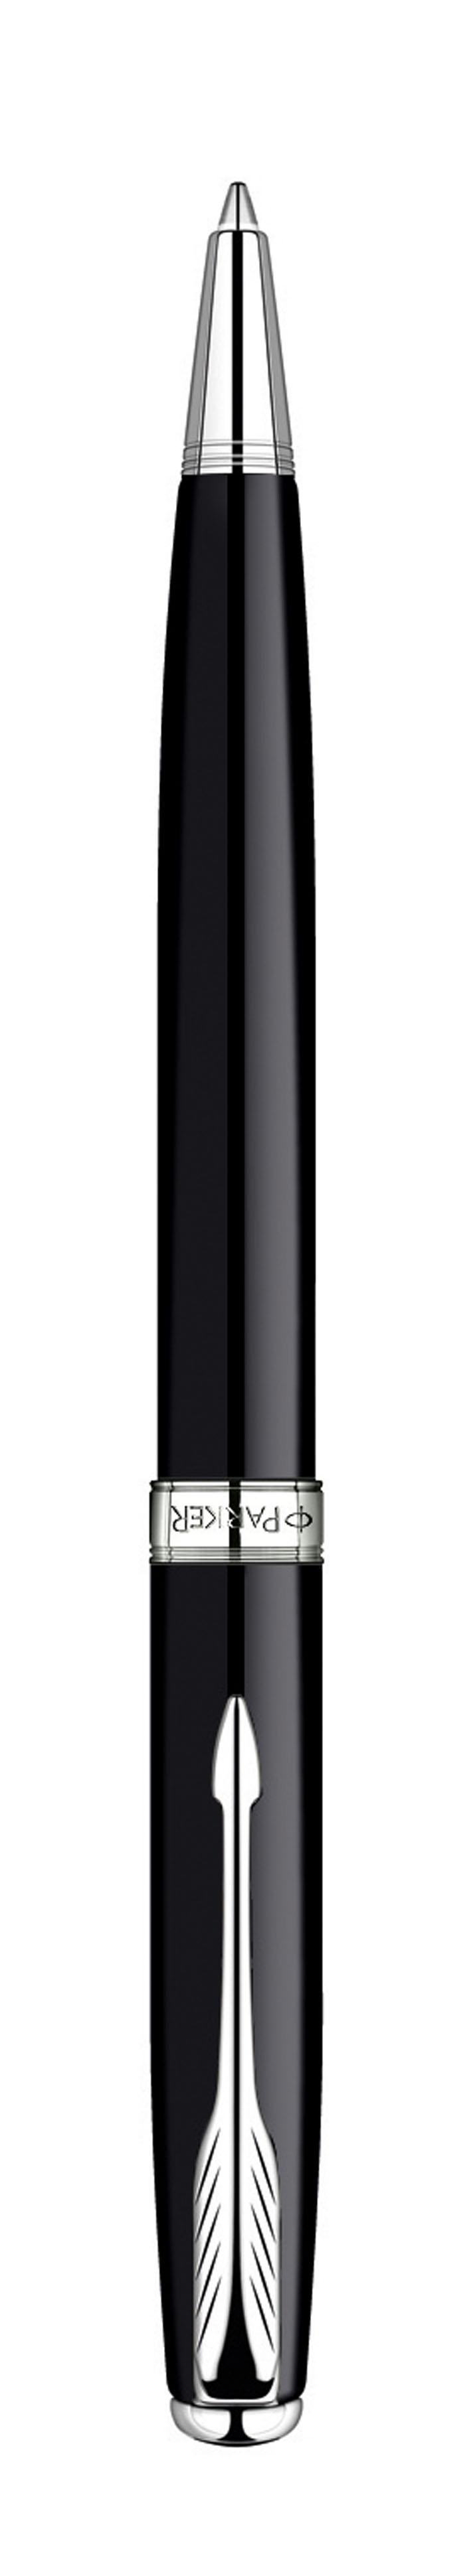 Ручка шариковая Sonnet Black Laque CT. PARKER-S0808830PARKER-S0808830Шариковая ручка Паркер Соннет Блэк Лак Си Ти. Инструмент для письма, линия письма - средняя, цвет чернил черный, в подарочной упаковке. Произведено во Франции.